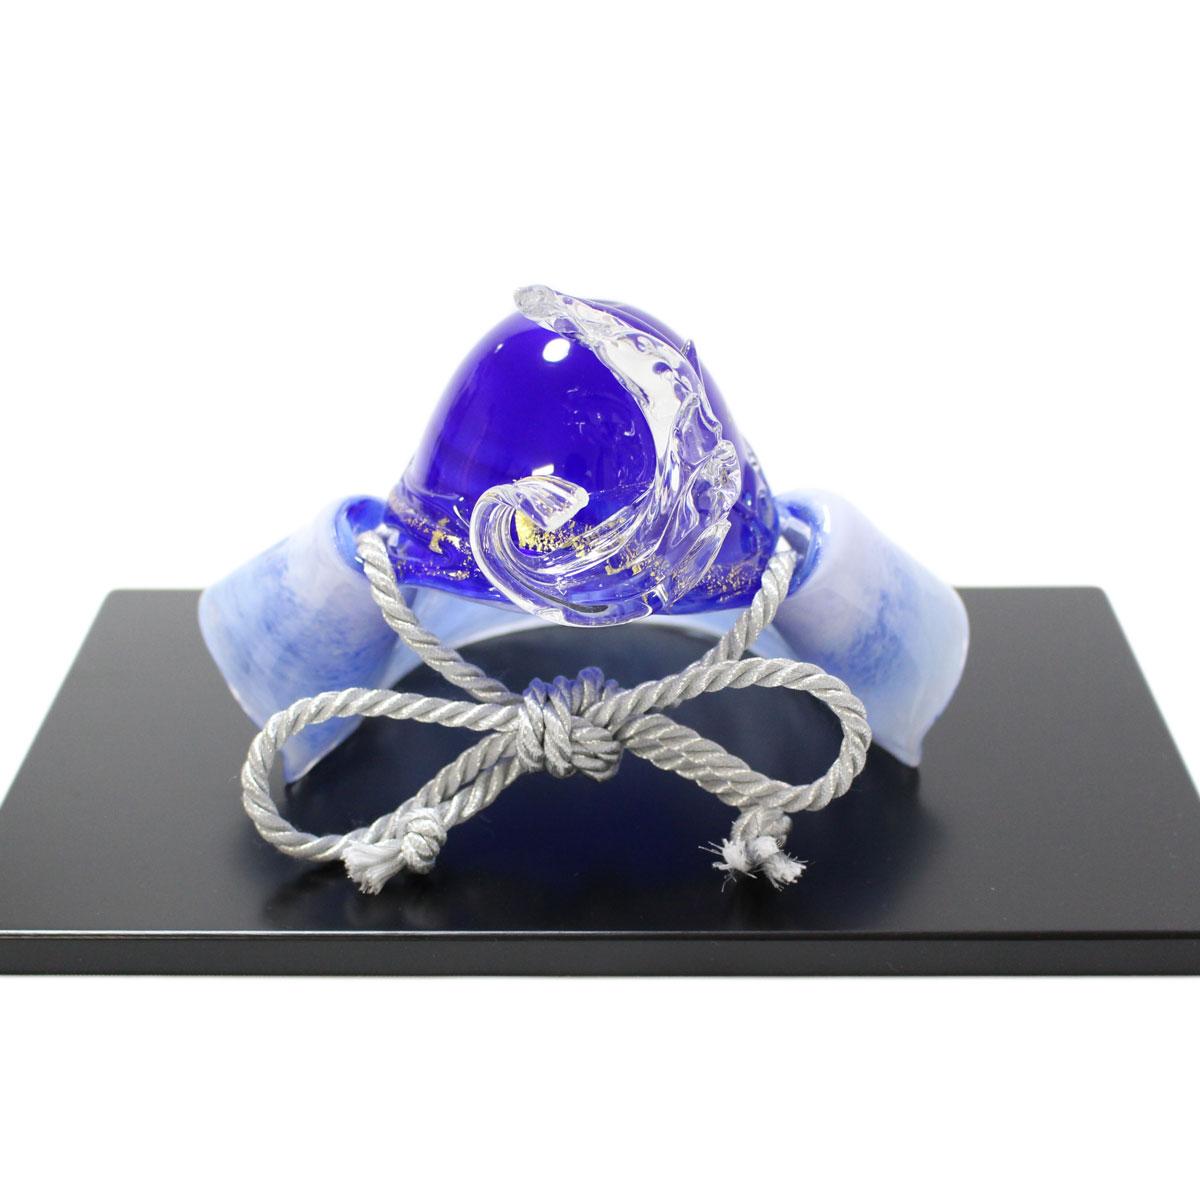 ガラスの兜 漣(さざなみ) SAIZOU GLASS LABO 可児友紀 ハンドメイド ガラスアート 兜飾り 五月人形 端午の節句 初節句 オブジェ おしゃれ コンパクト ギフト